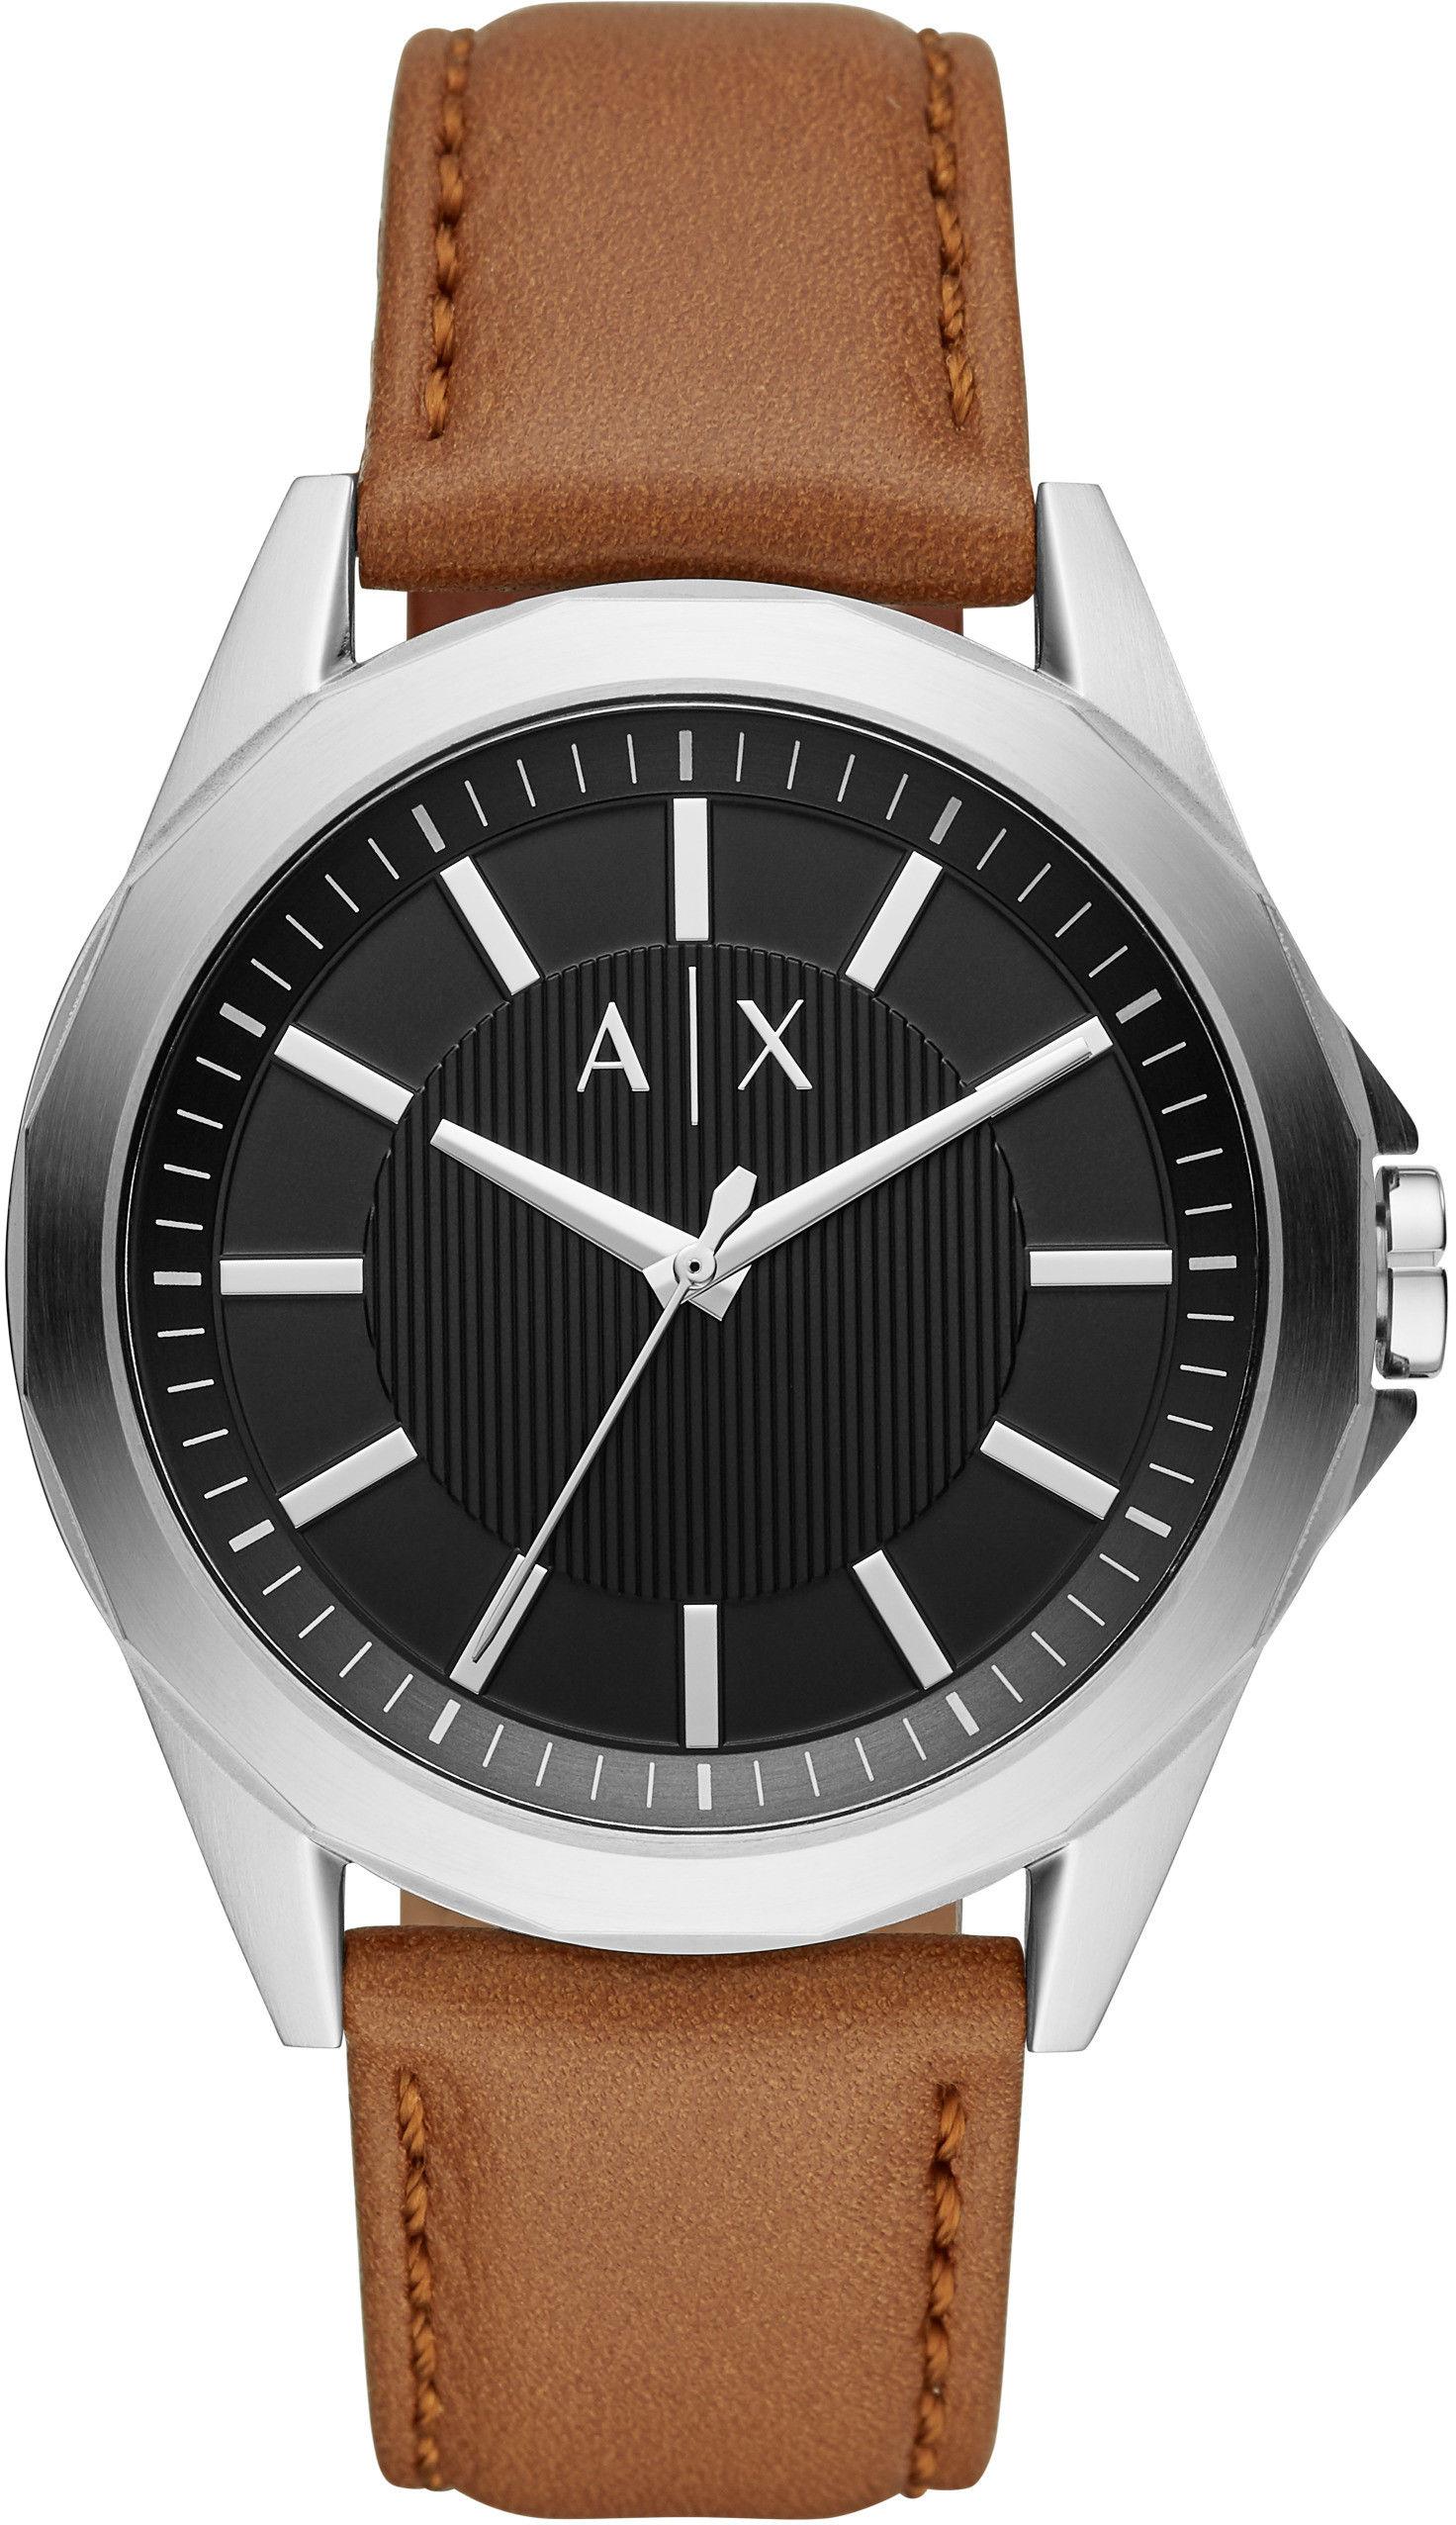 Zegarek Armani Exchange AX2635 DREXLER - CENA DO NEGOCJACJI - DOSTAWA DHL GRATIS, KUPUJ BEZ RYZYKA - 100 dni na zwrot, możliwość wygrawerowania dowolnego tekstu.